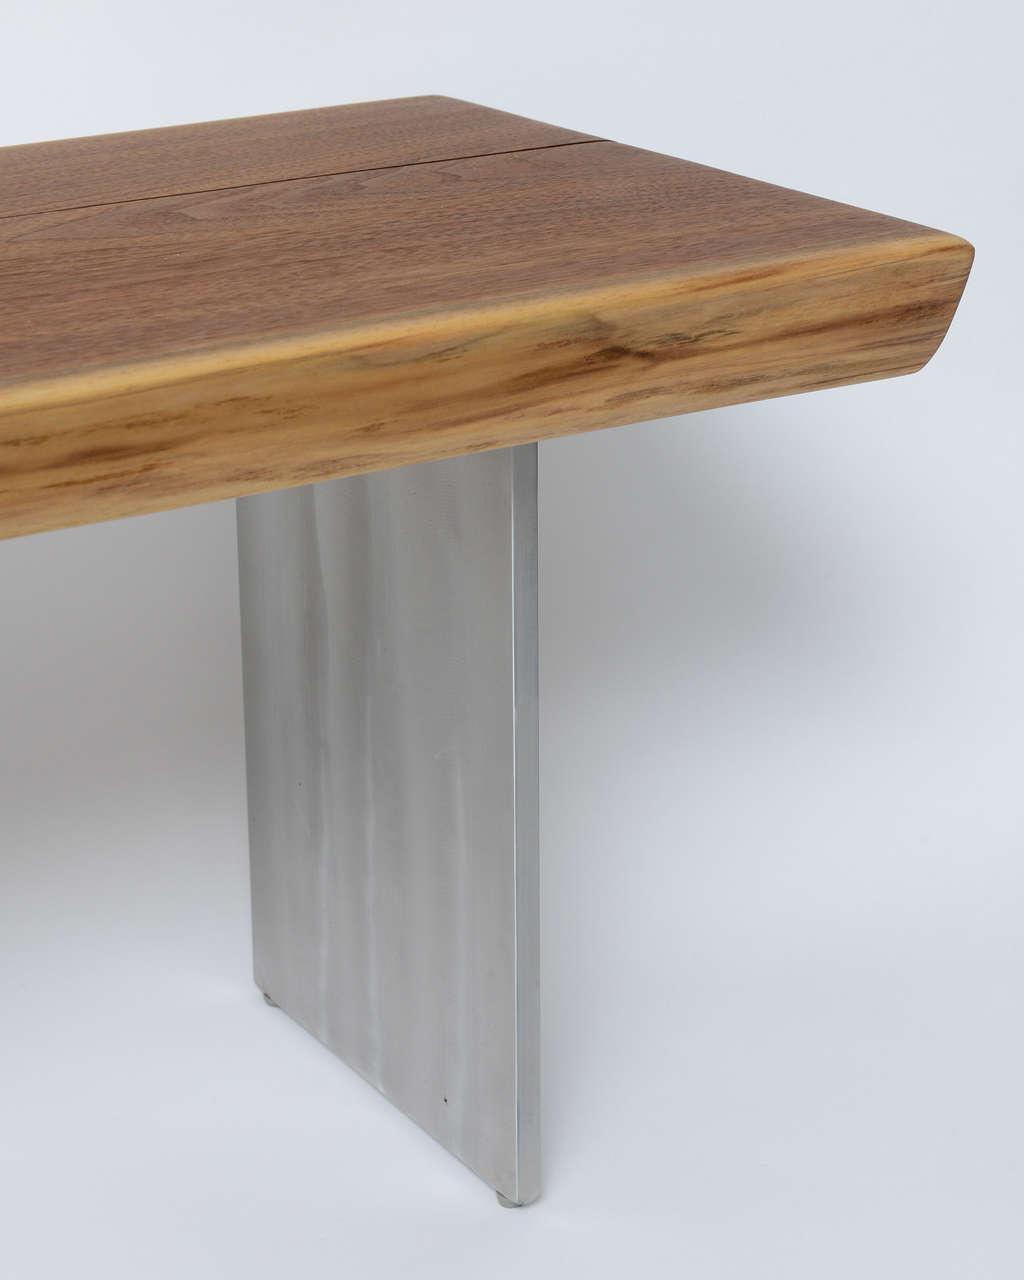 Minimalist Wood Bench, Black Walnut, Aluminum 5